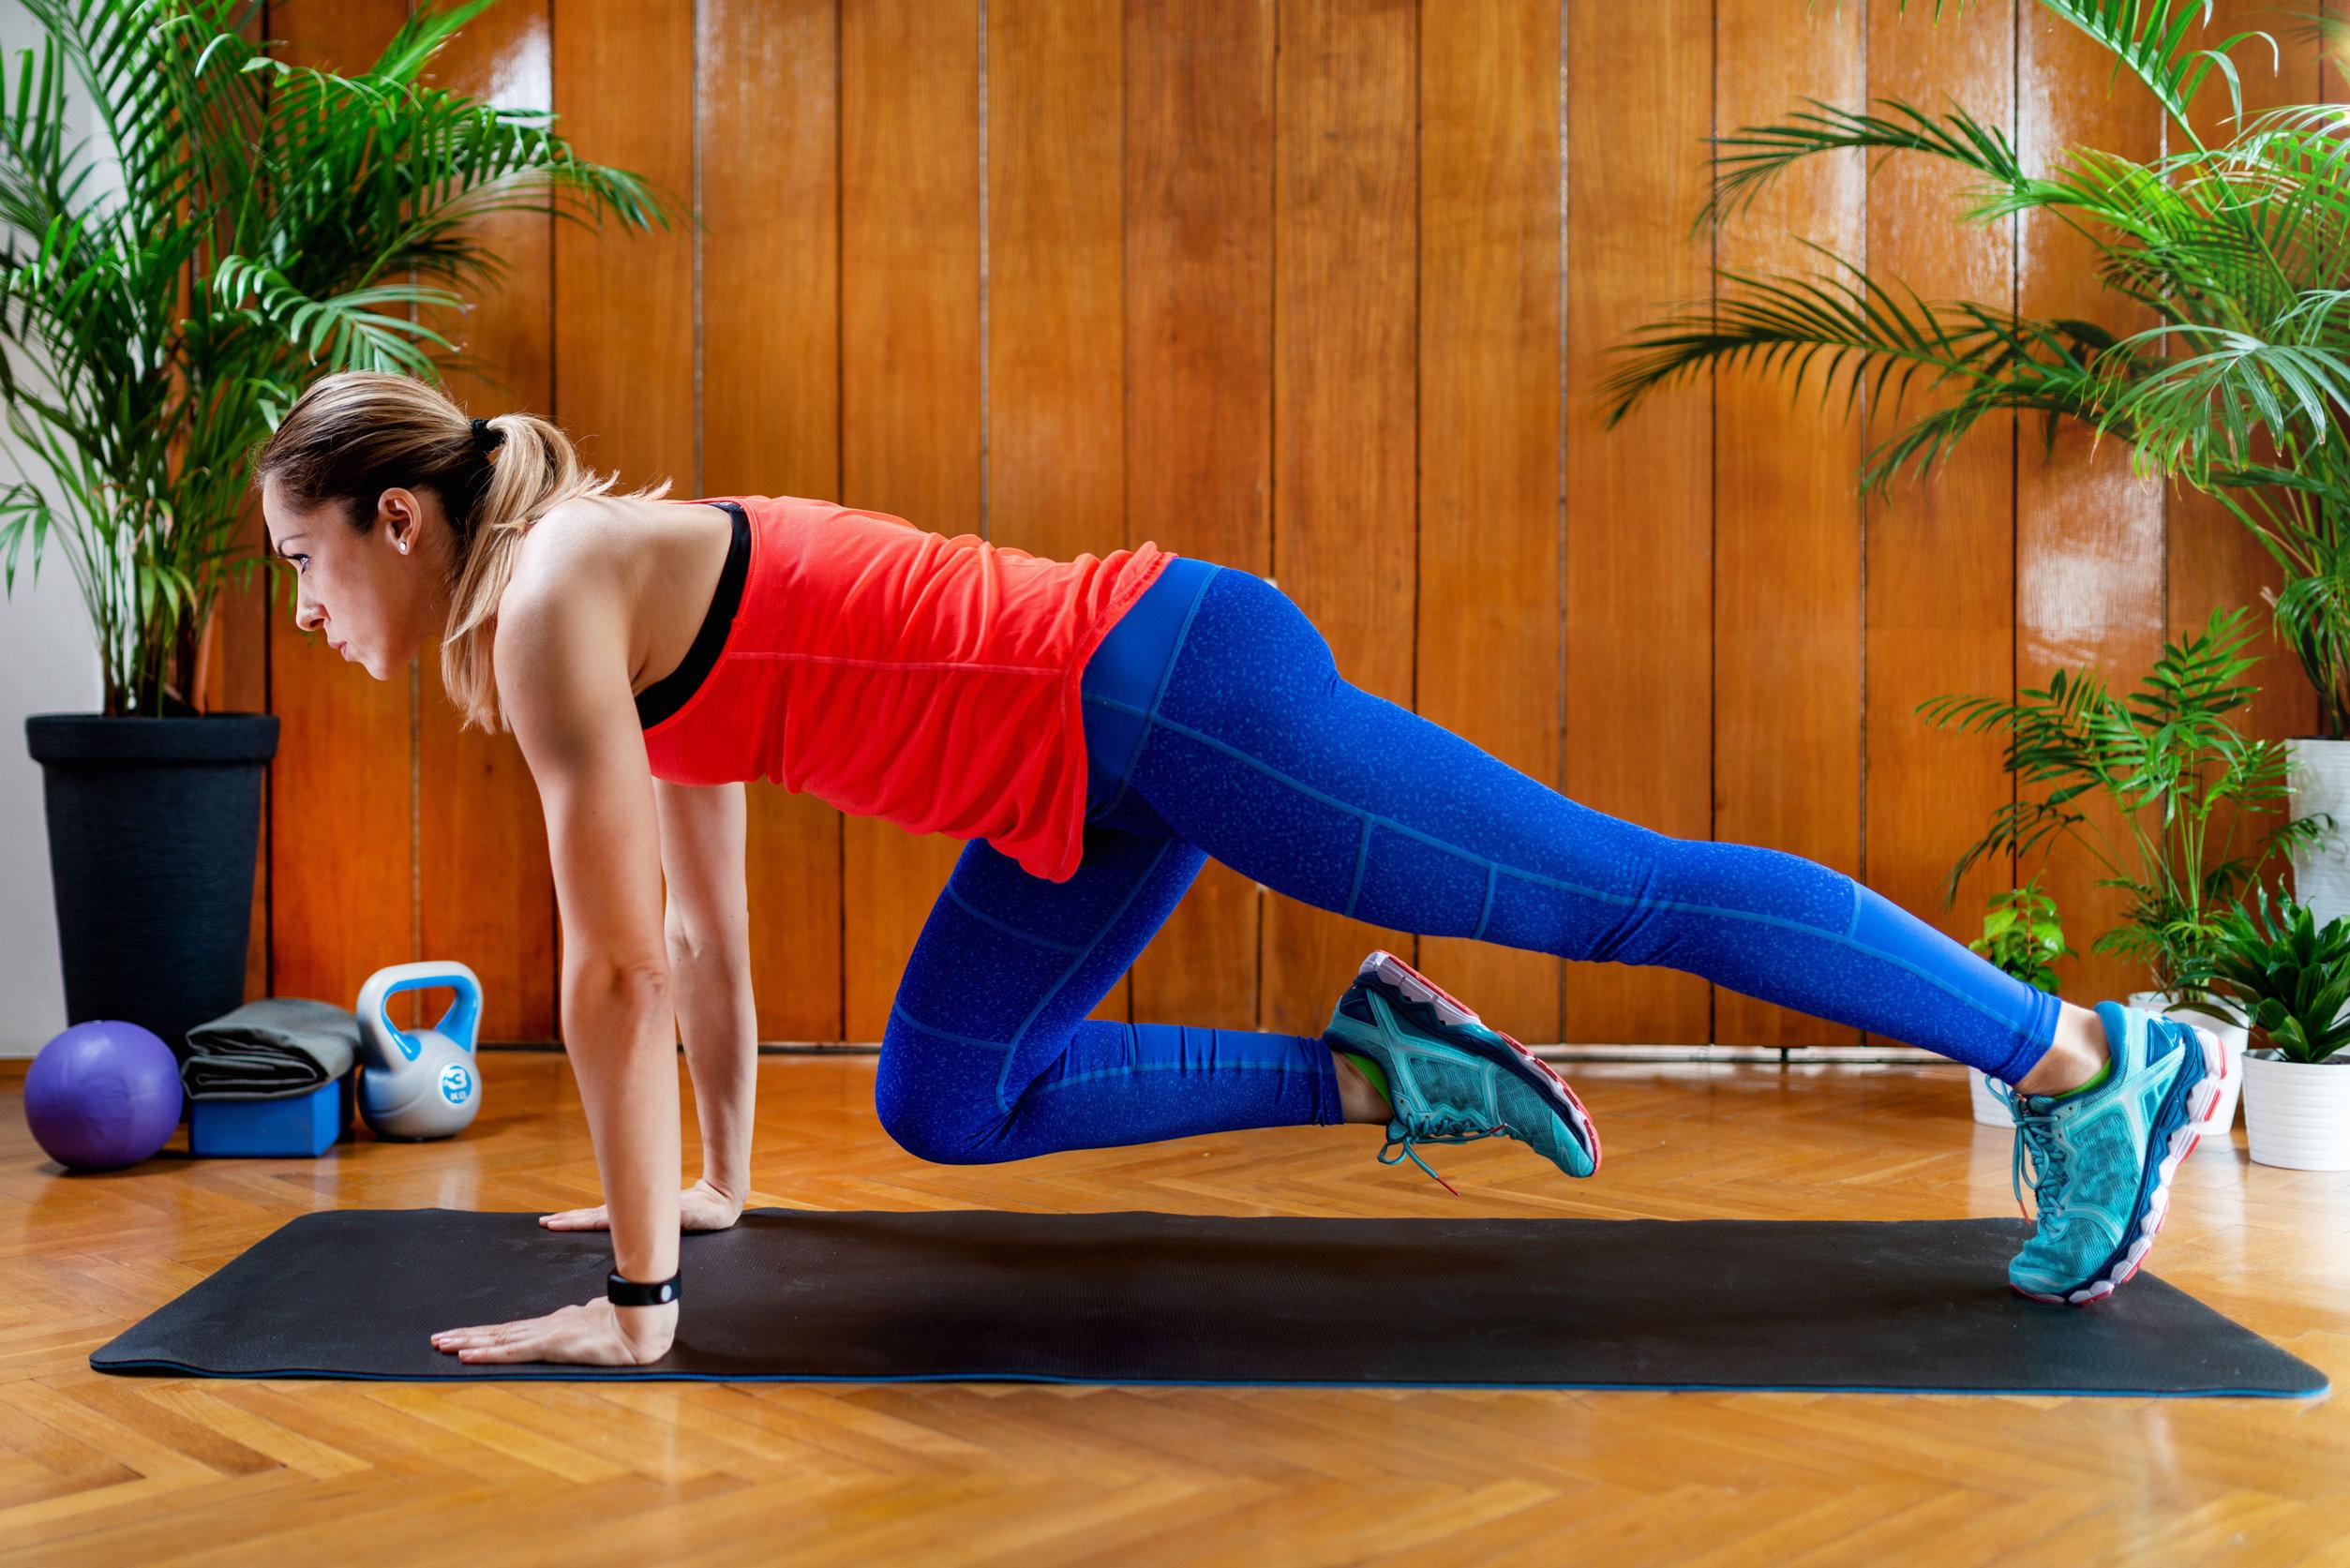 Mujer haciendo escaladores en el entrenamiento de intervalos de alta intensidad en casa